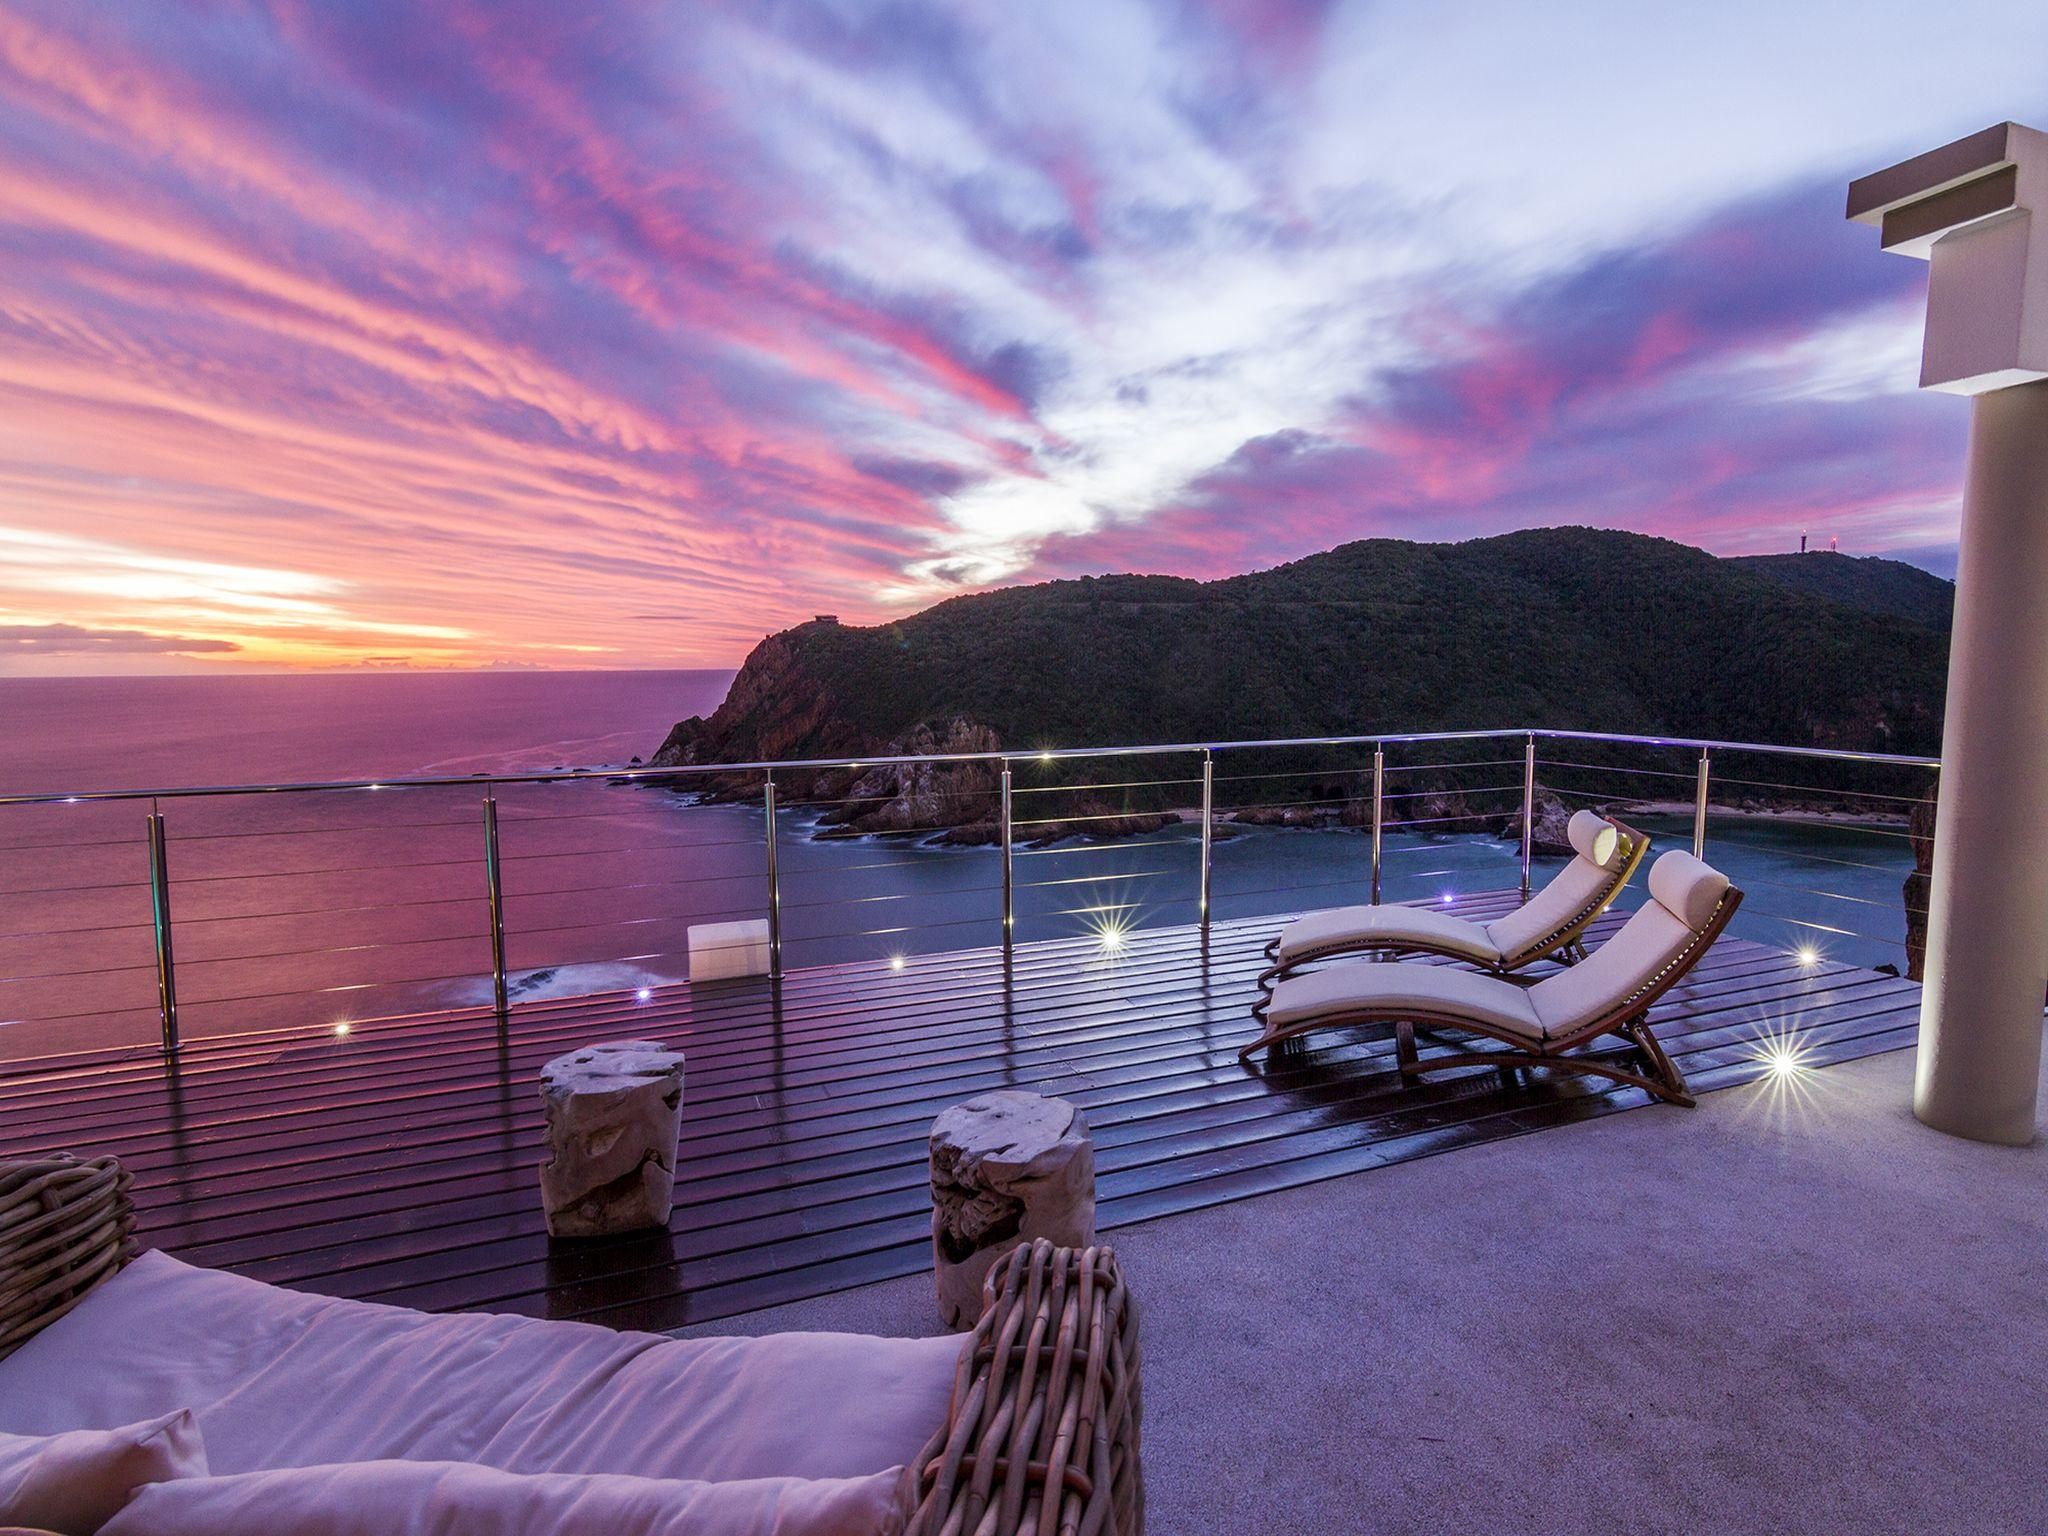 http://pix6.agoda.net/hotelImages/781/781970/781970_16063013220044288359.jpg